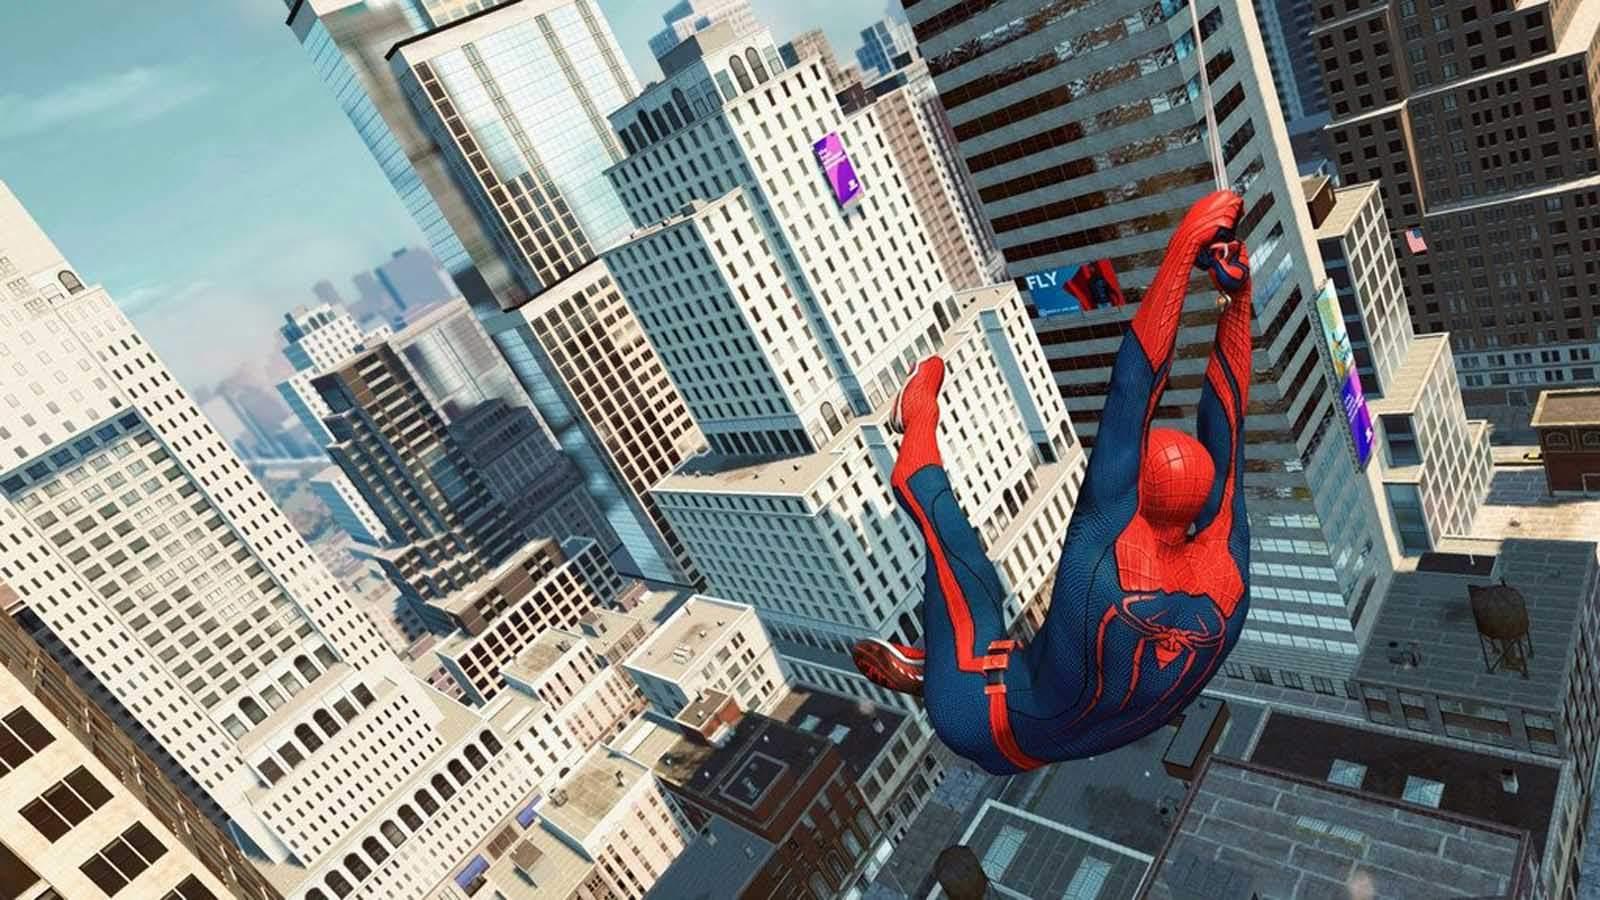 تحميل لعبة The Amazing Spider Man مضغوطة كاملة بروابط مباشر مجانا